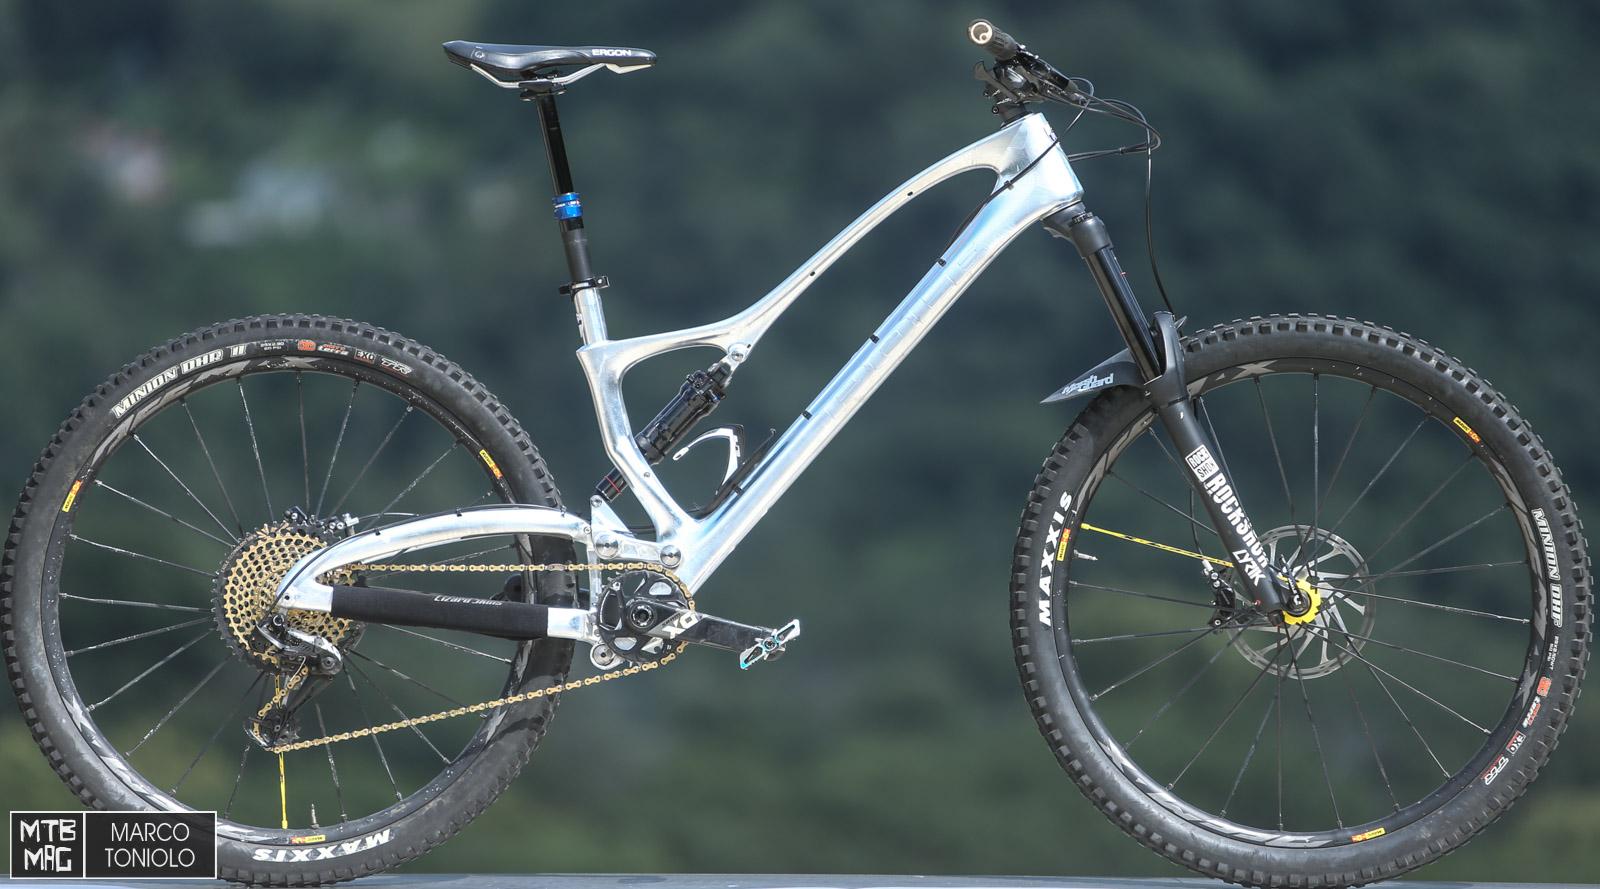 mountain bike buono per la perdita di peso